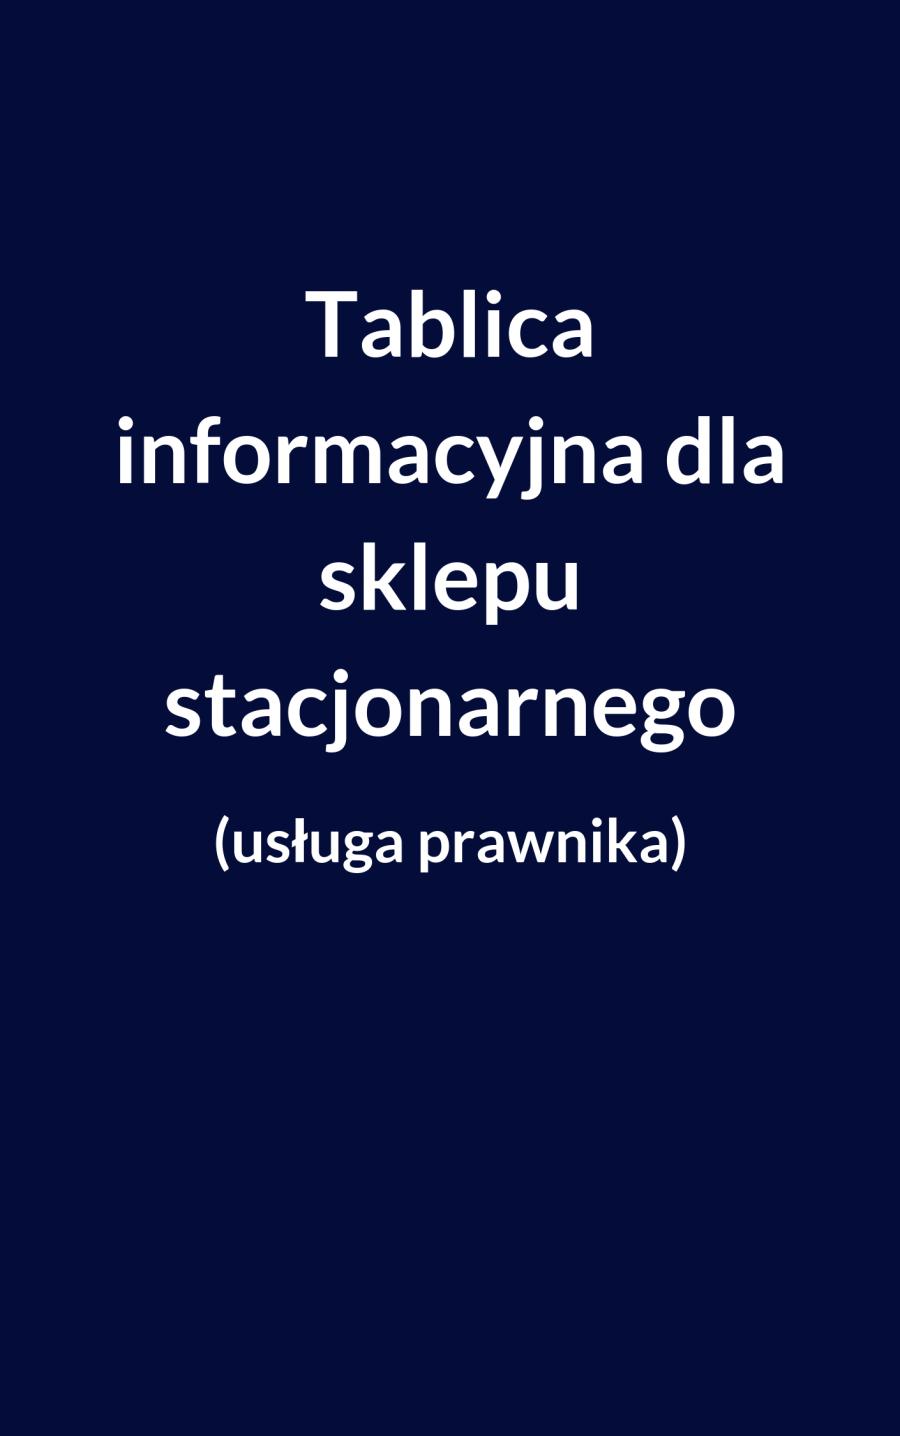 tablica informacyjna dla sklepu stacjonarnego